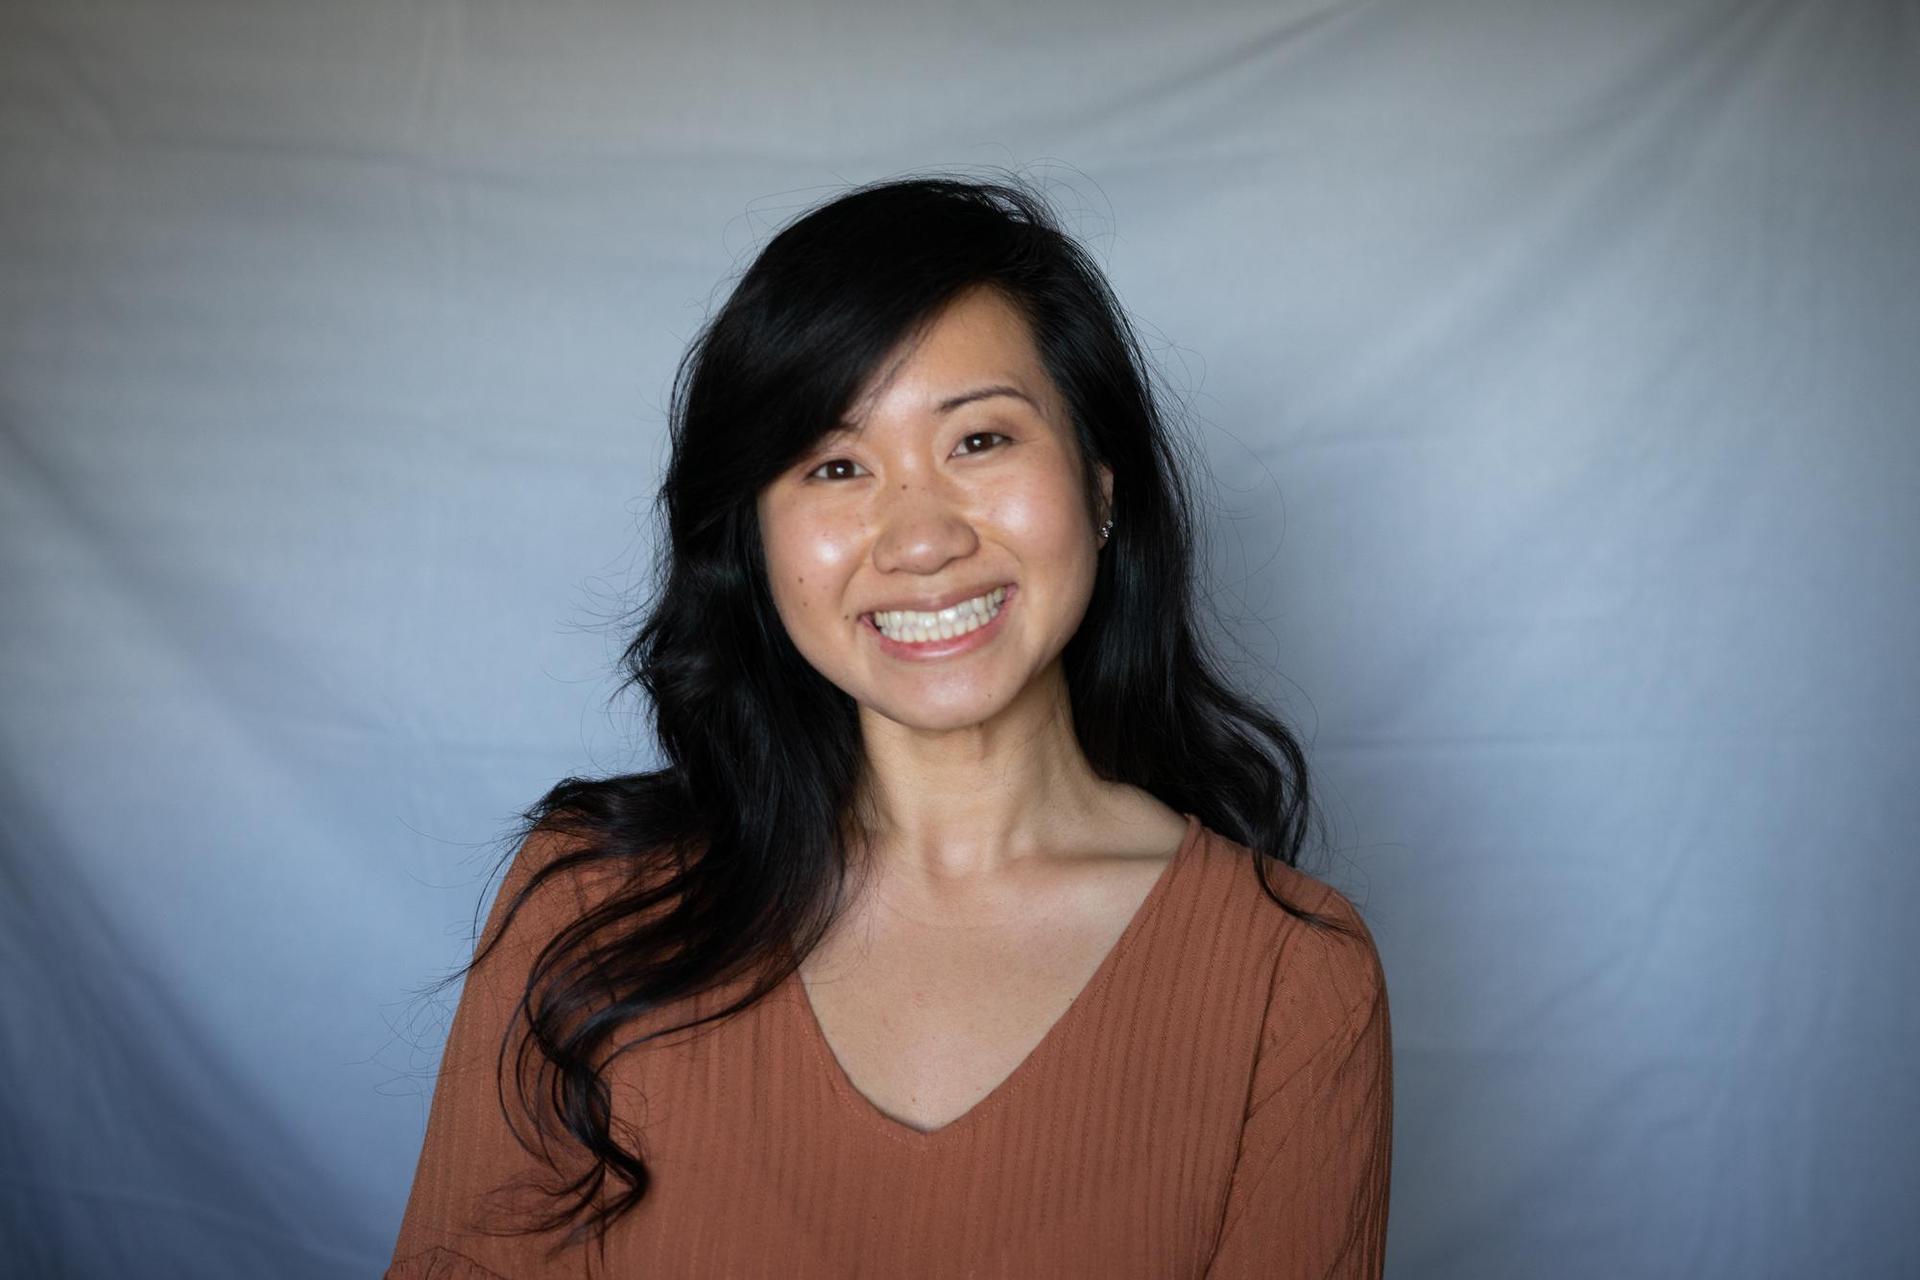 Audrey Yuan